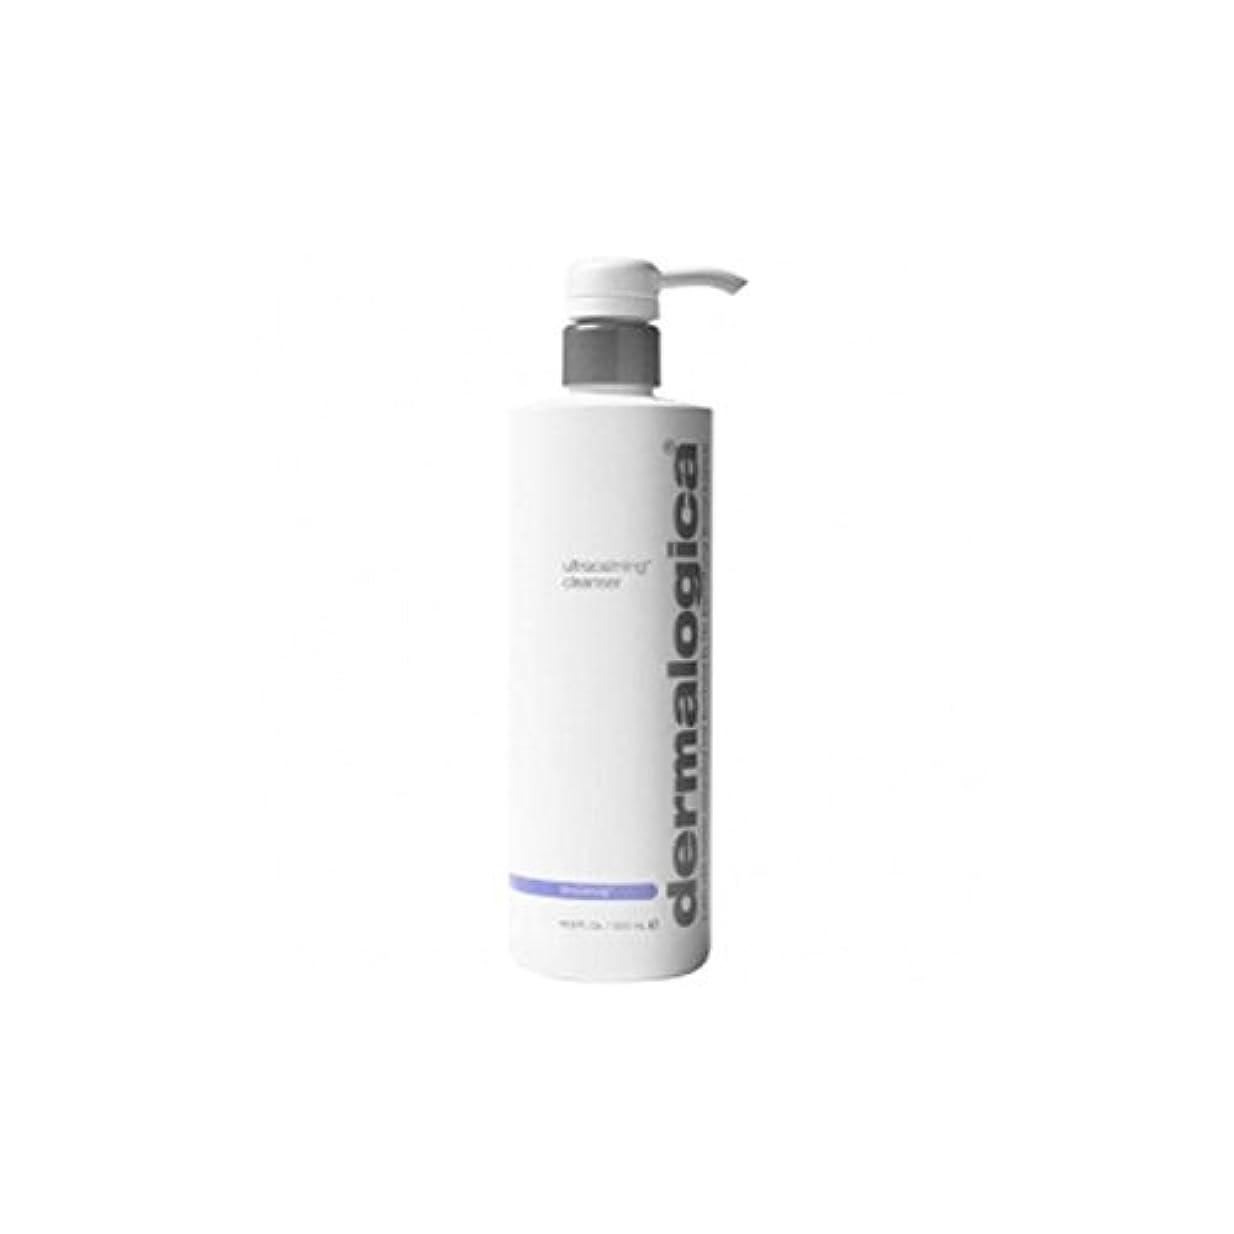 子豚有罪まぶしさダーマロジカクレンザー(500ミリリットル) x4 - Dermalogica Ultracalming Cleanser (500ml) (Pack of 4) [並行輸入品]